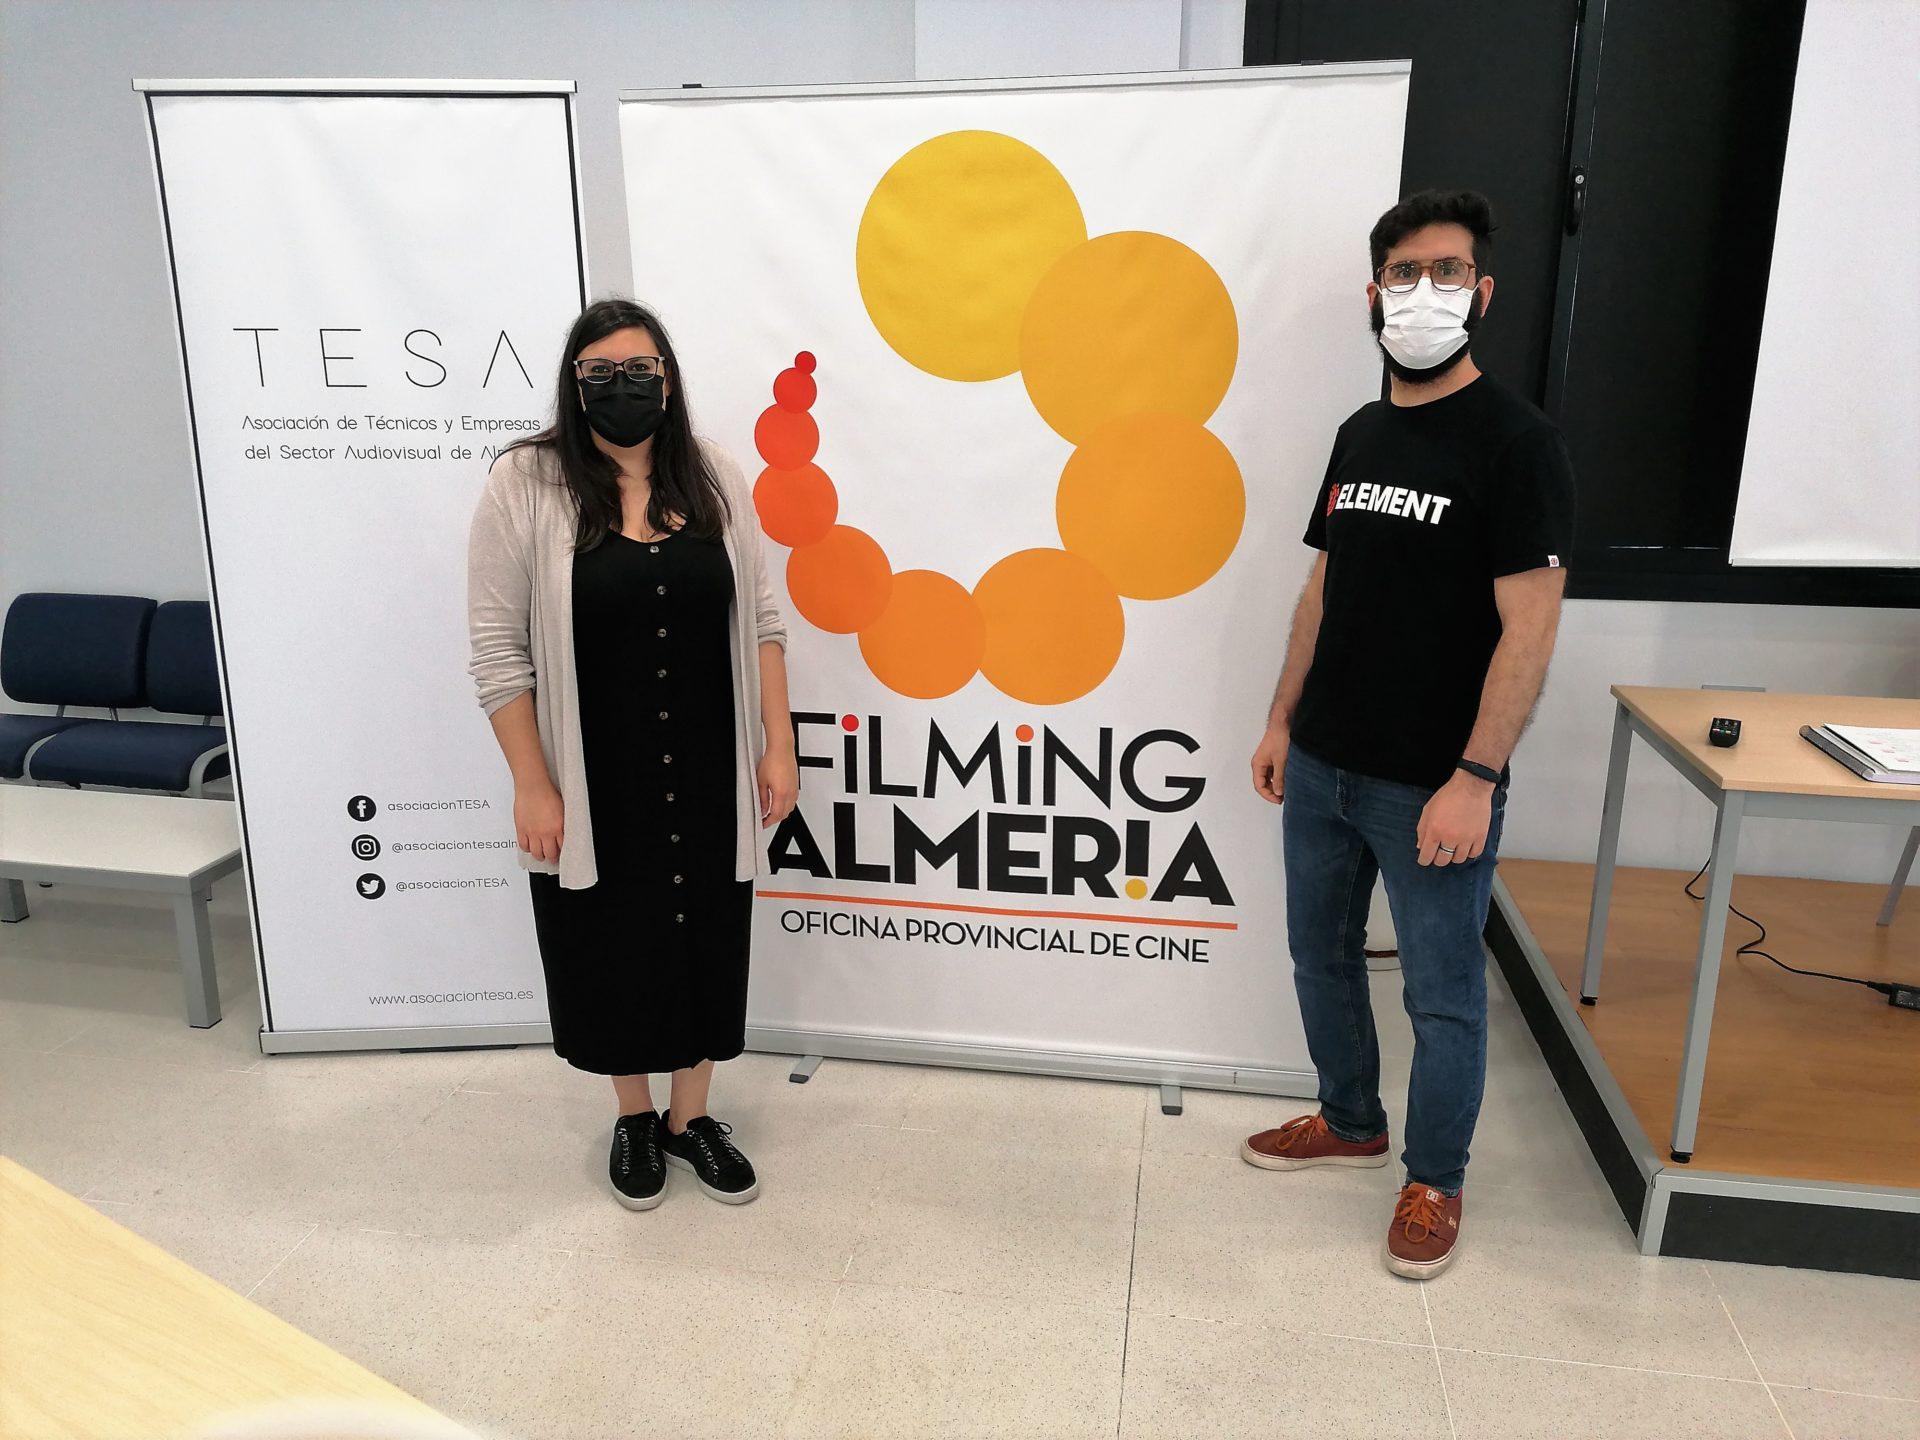 Curso de Filming Almería